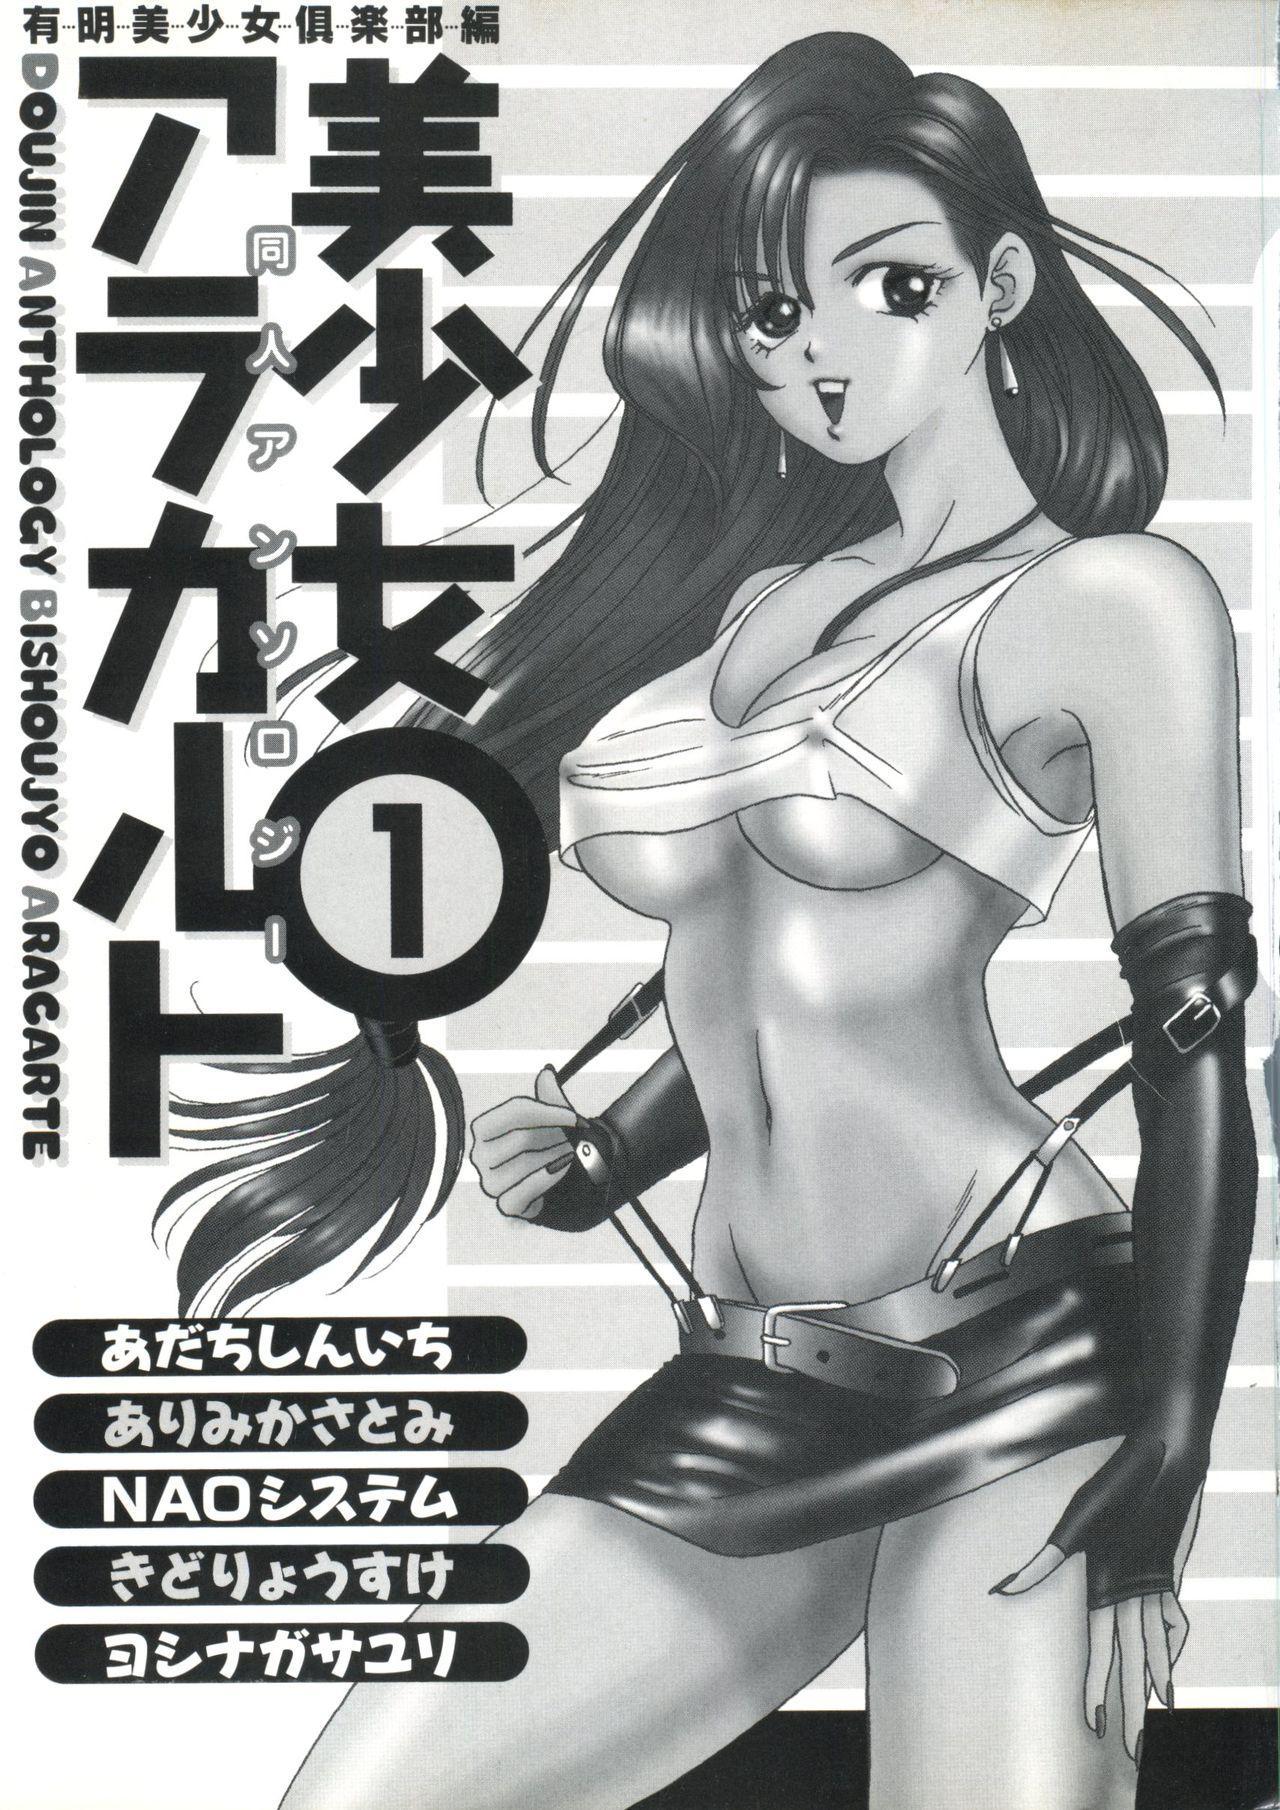 Doujin Anthology Bishoujo a La Carte 1 1